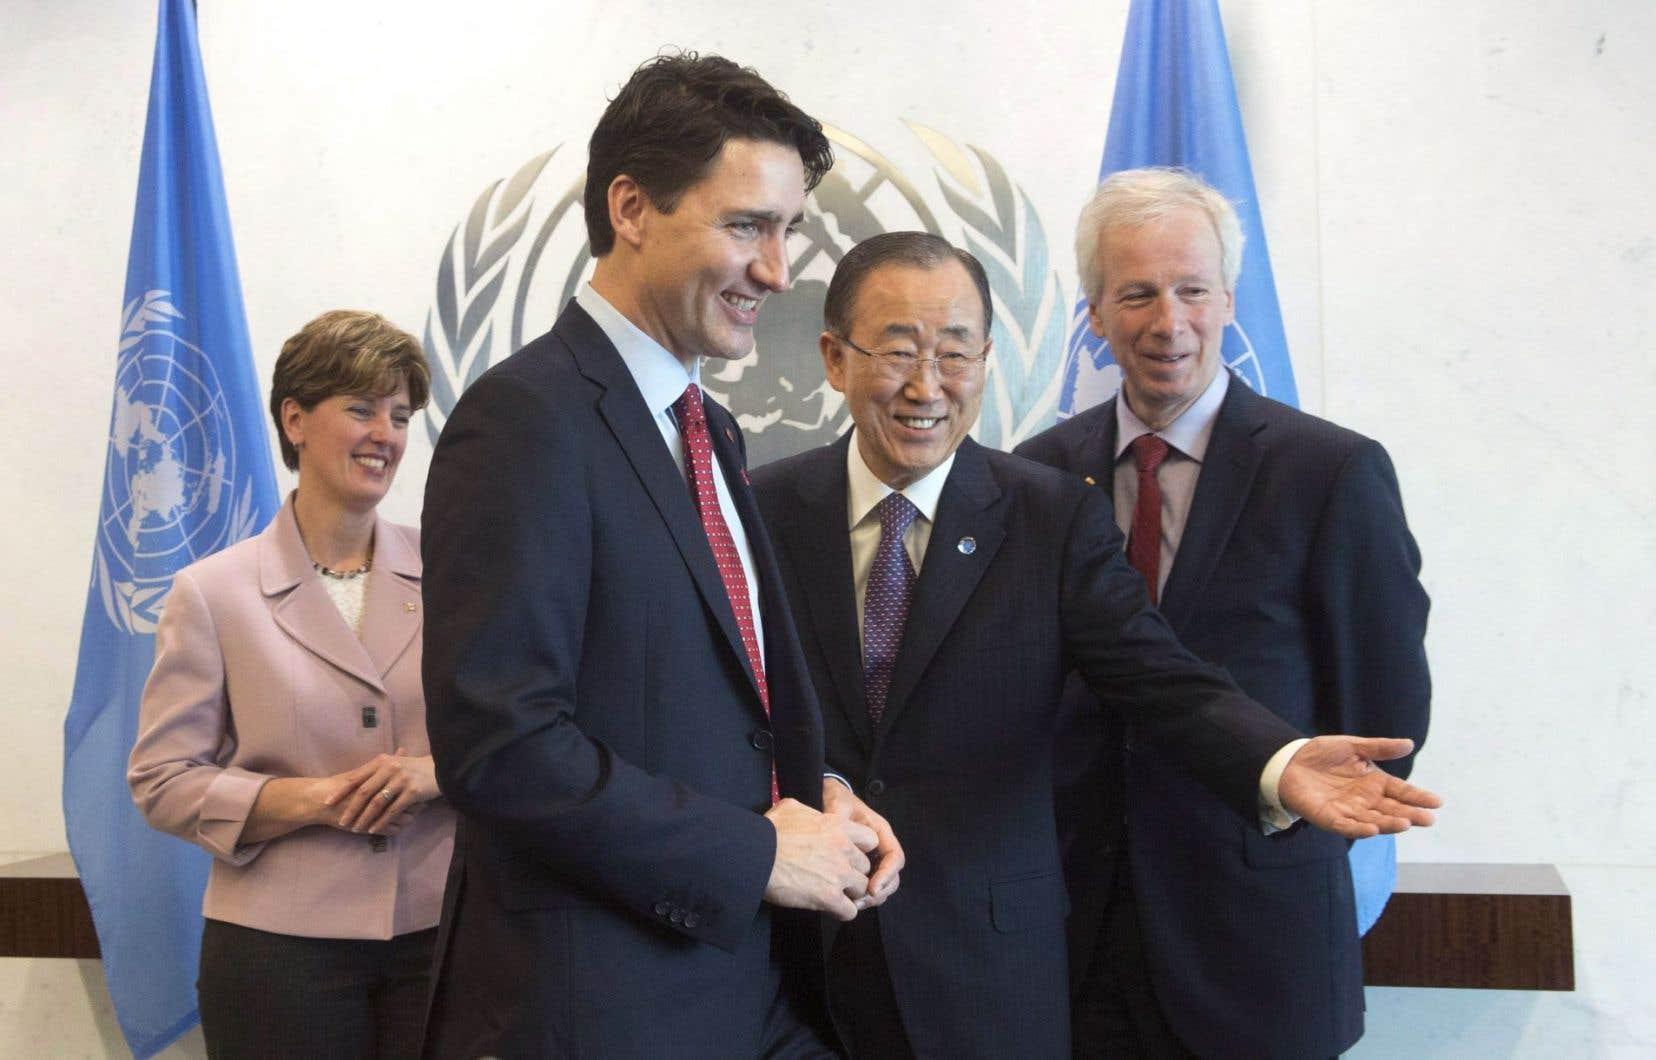 Le premier ministre Justin Trudeau a rencontré le secrétaire général de l'ONU, Ban Ki-moon. Il était accompagné de la ministre du Développement international, Marie-Claude Bibeau, et du ministre des Affaires étrangères, Stéphane Dion.